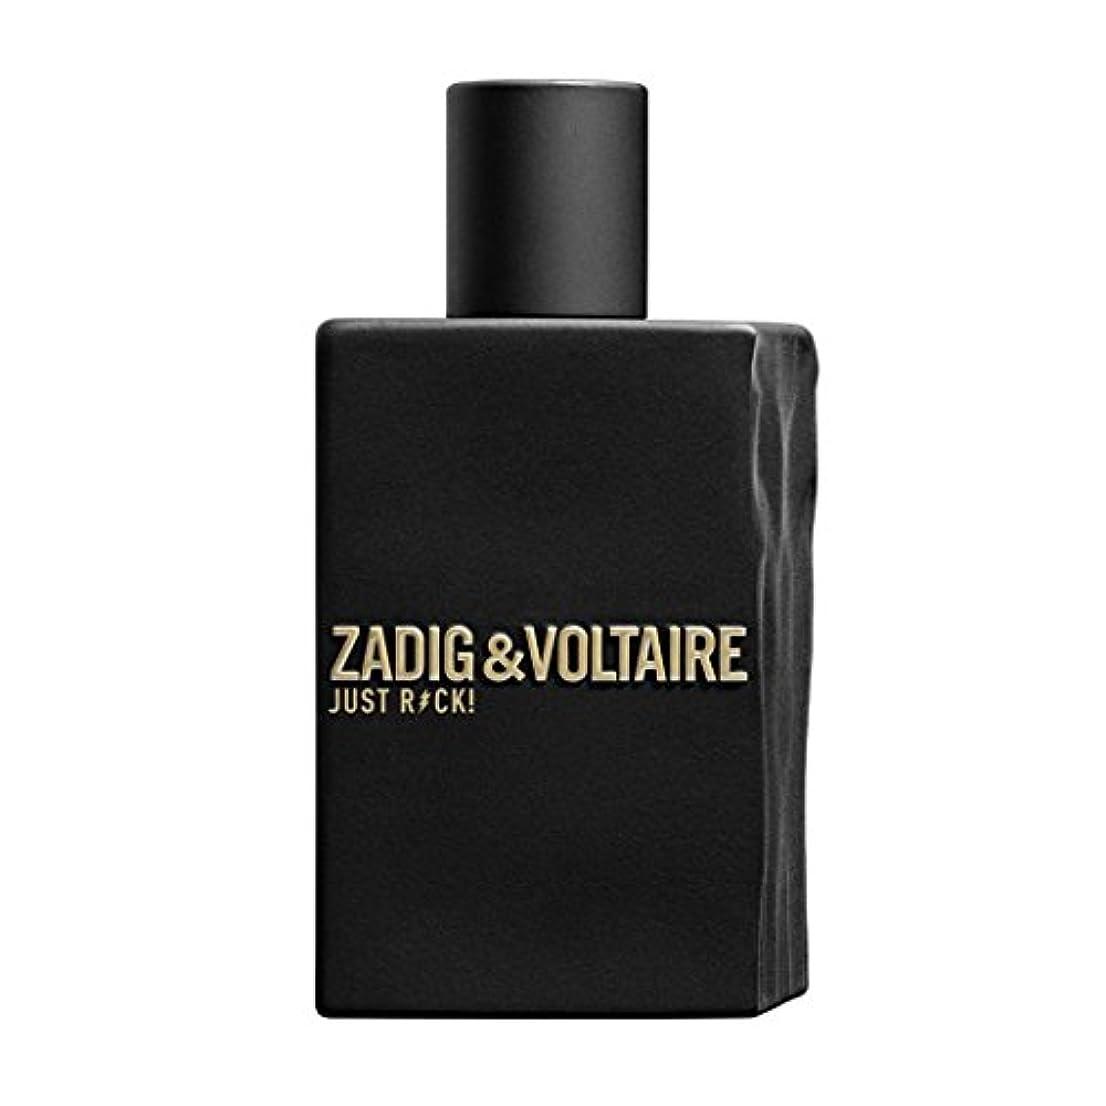 ストレス蒸発つかまえるZadig & Voltaire Just Rock! For Men Eau de Toilette 100ml 3.3oz